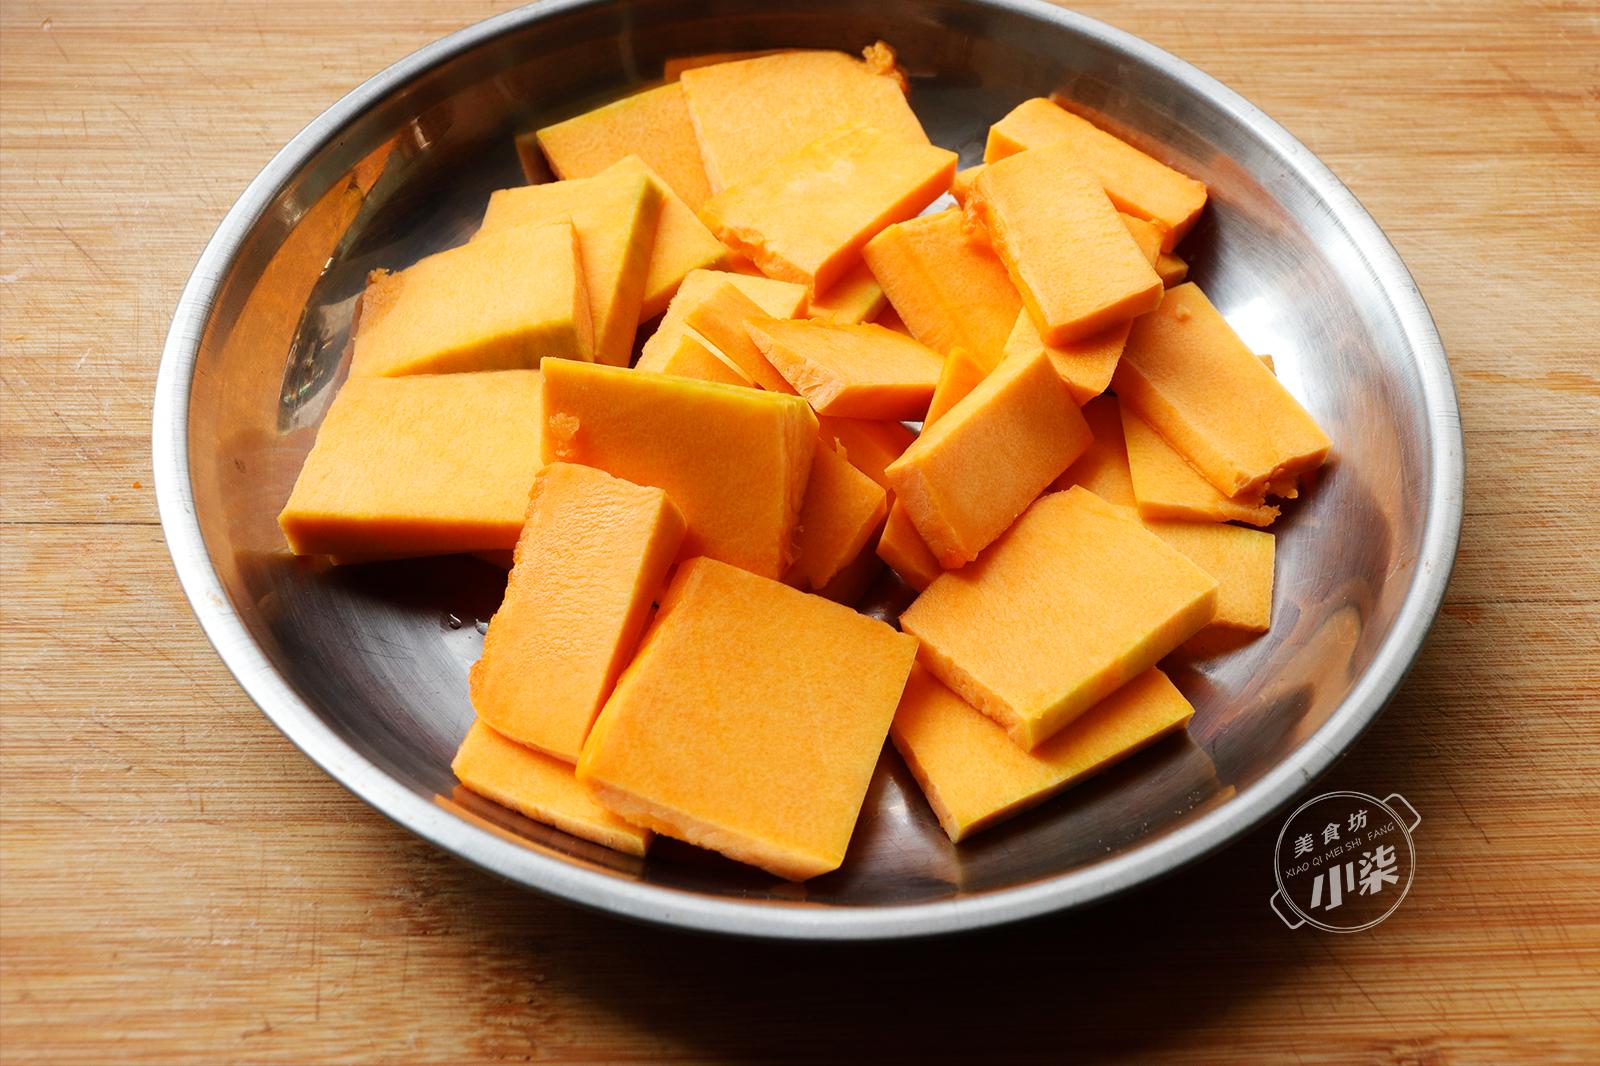 秋天要多吃南瓜,加碗麵粉,不油炸,滿屋飄香,比紅燒肉還受歡迎